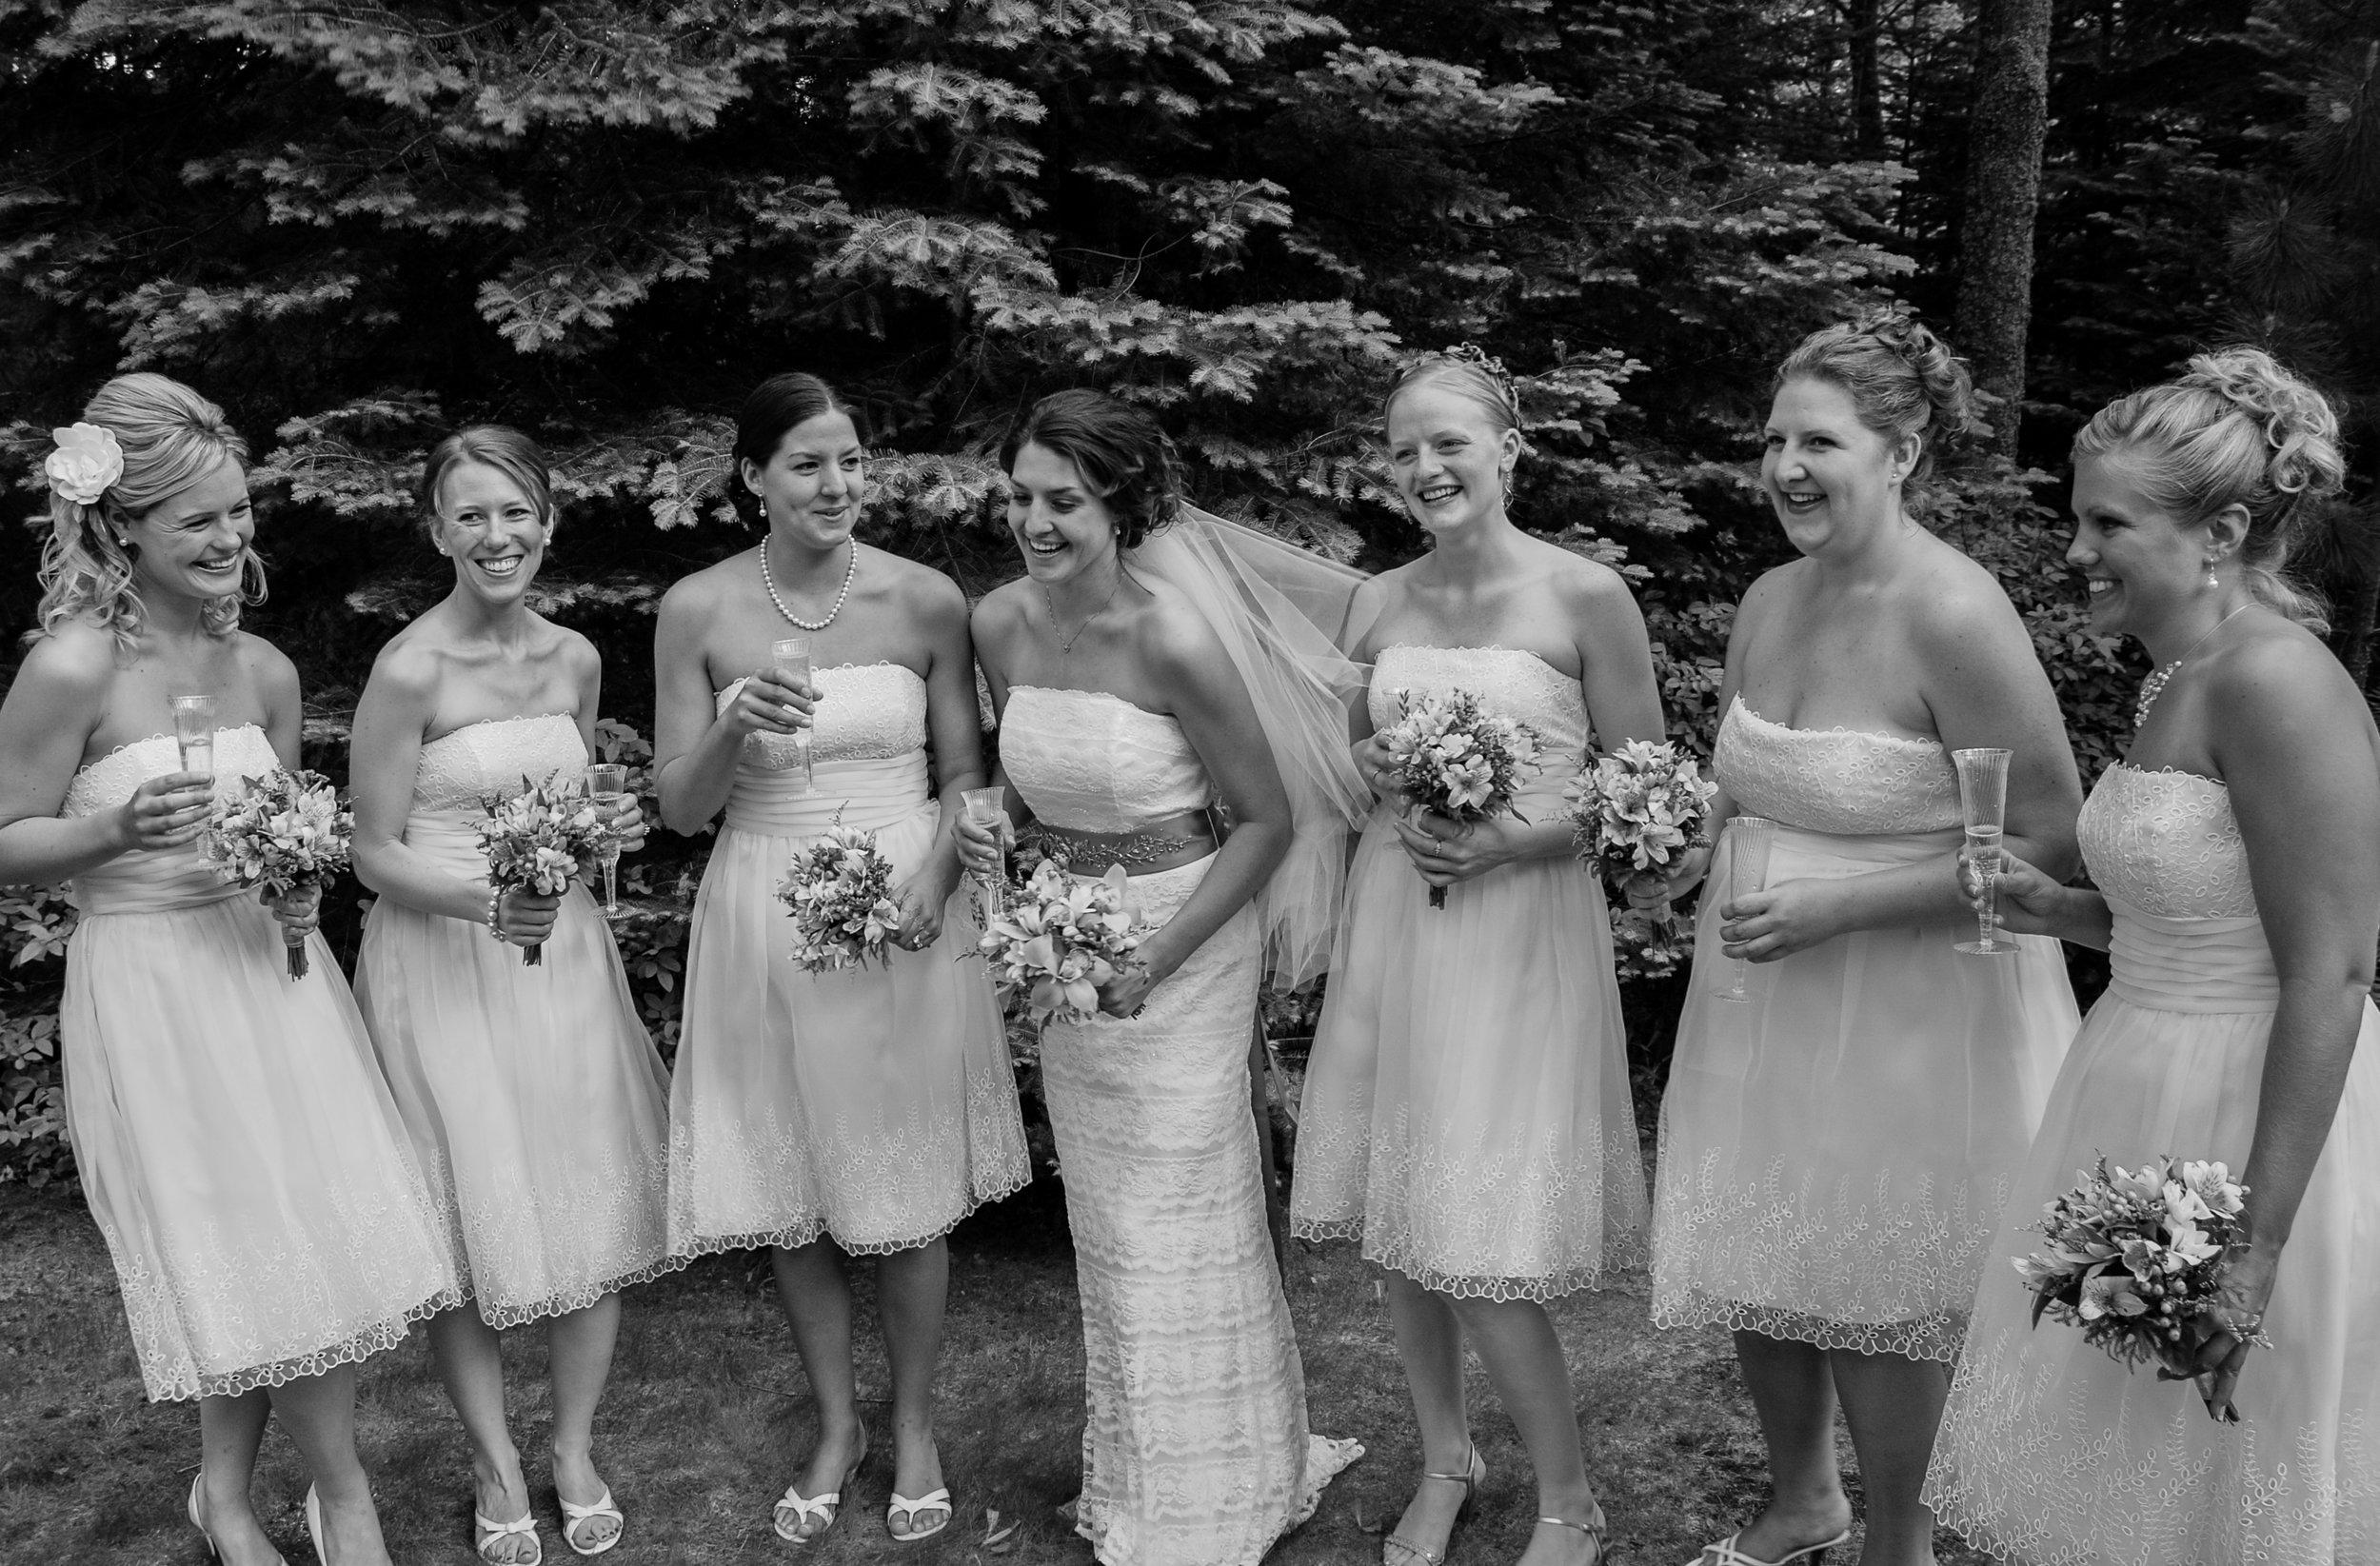 Outdoor wedding; bride and bridesmaids